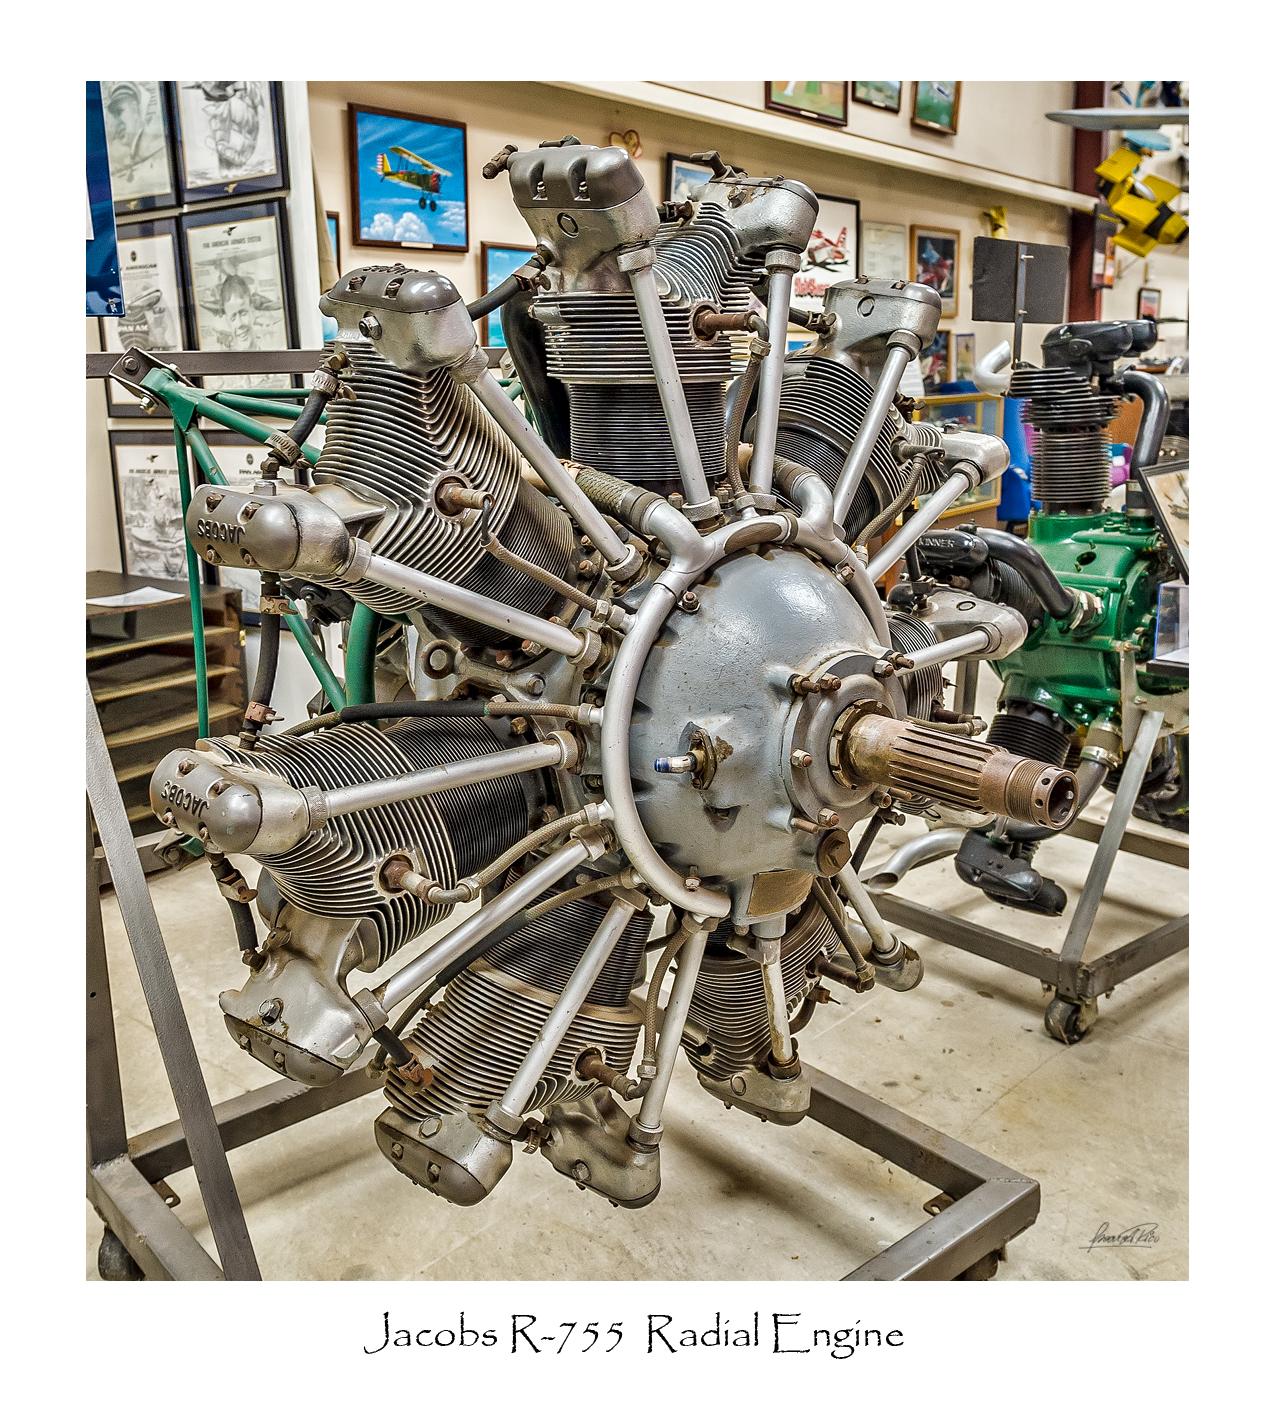 Jacobs R-755 Radial Engine jpg photo - Oscar A Rico photos